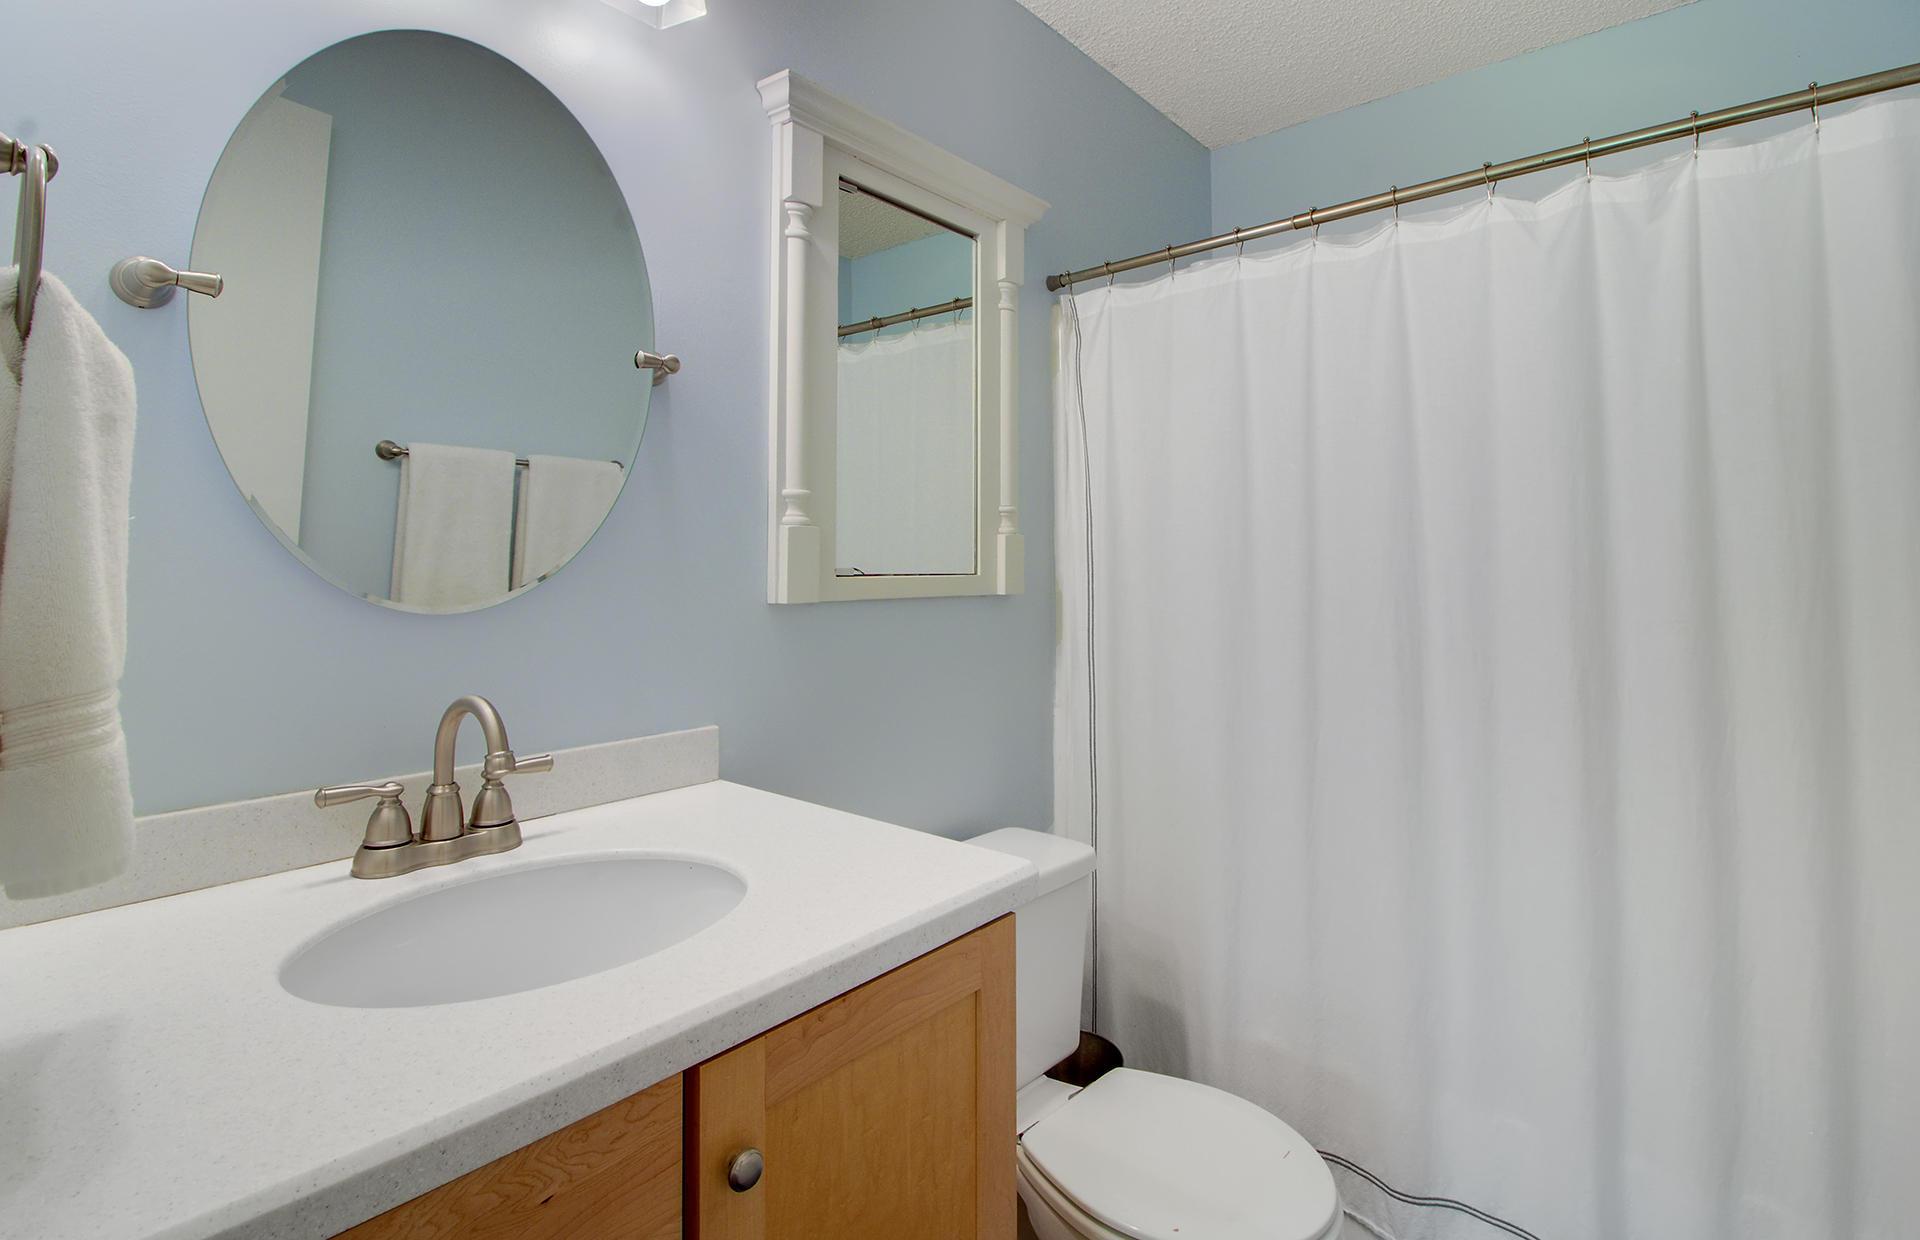 Willow Walk Homes For Sale - 1157 Oakcrest, Charleston, SC - 20